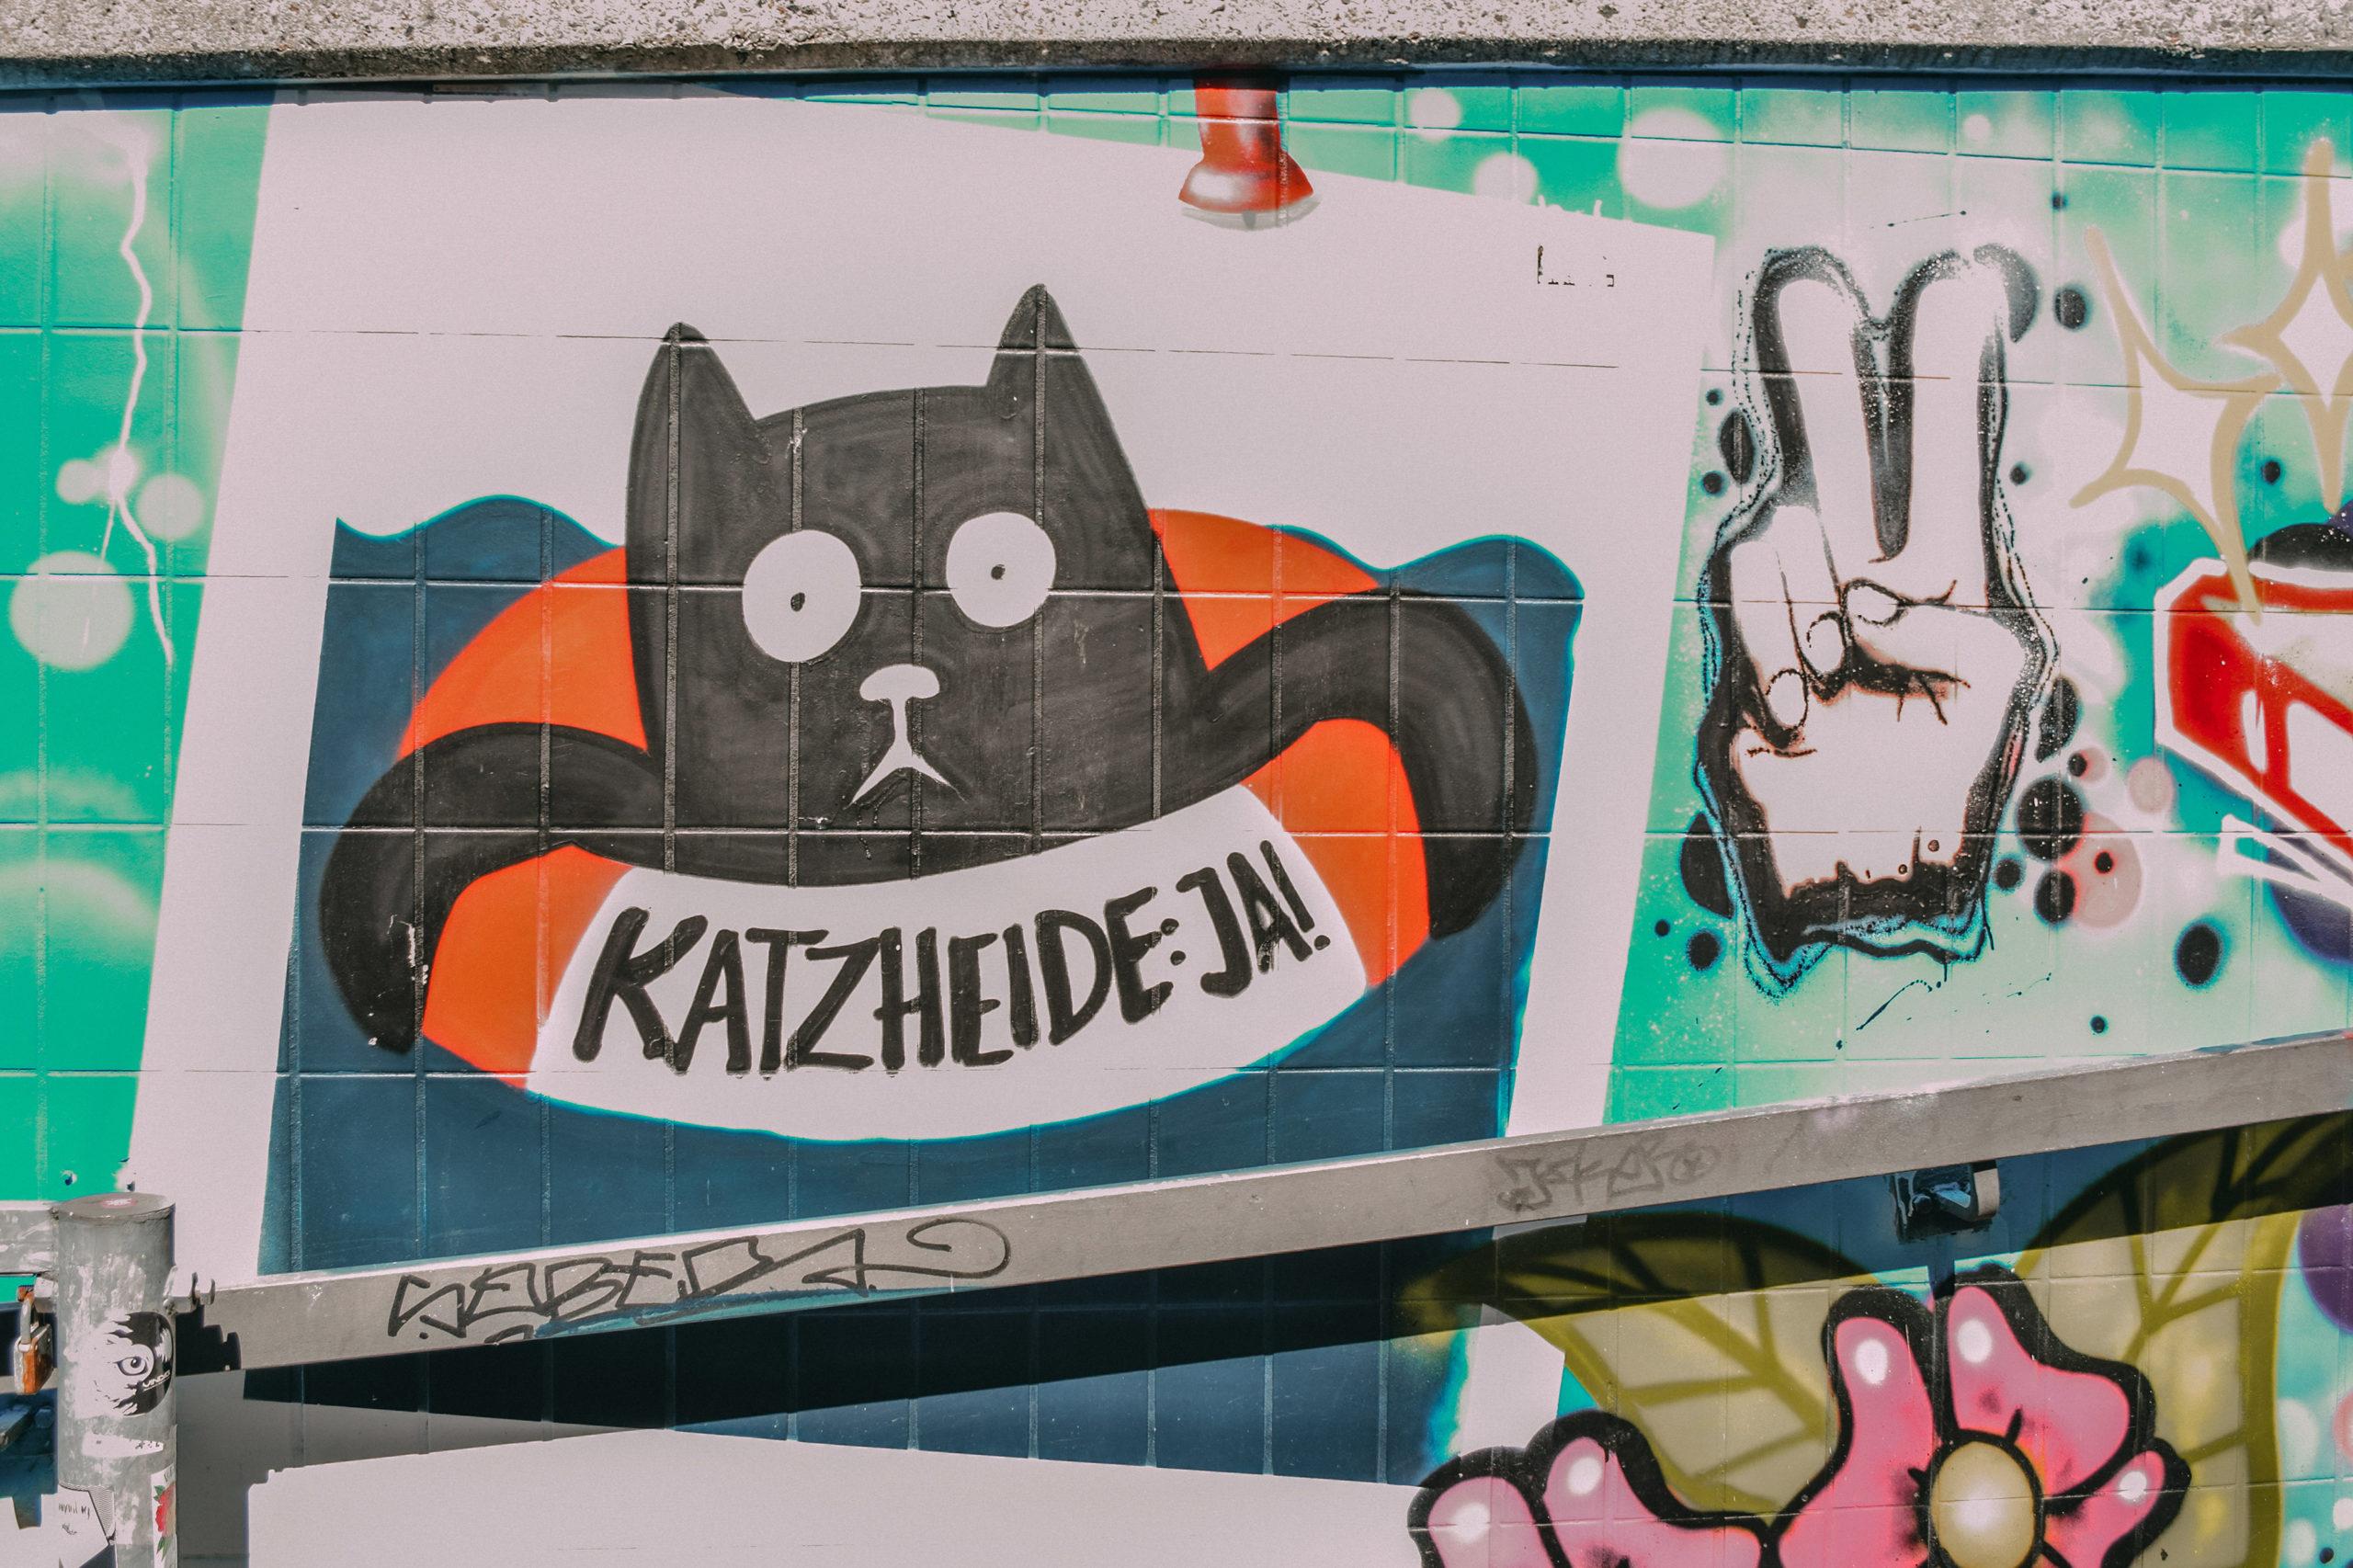 Graffiti Katzheide